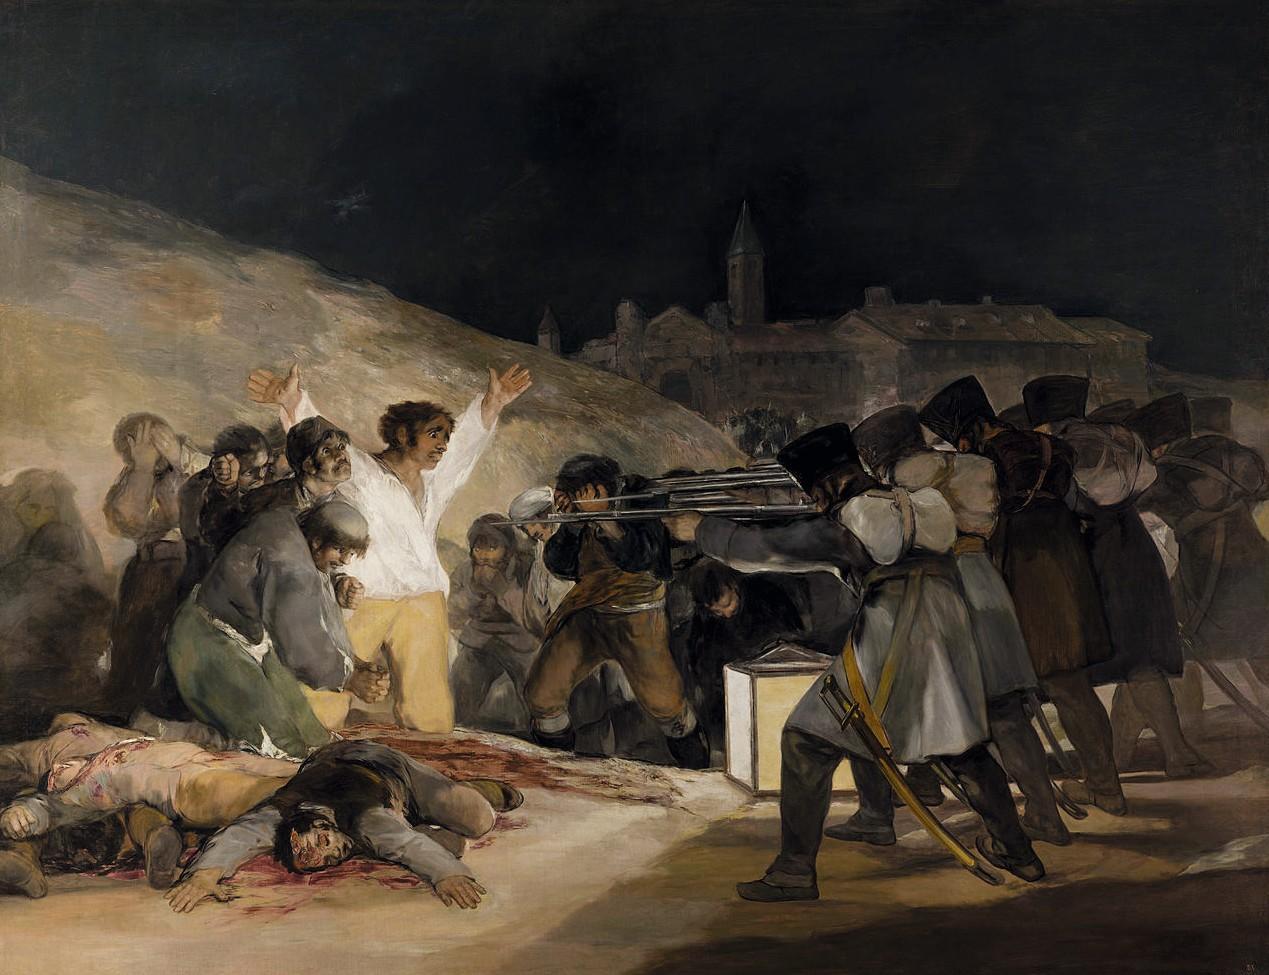 Francisco de Goya, El tres de mayo de 1808 en Madrid (le trois mai 1808 à Madrid), 1814, huile sur toile, 266 × 345 cm, musée du Prado, Madrid.